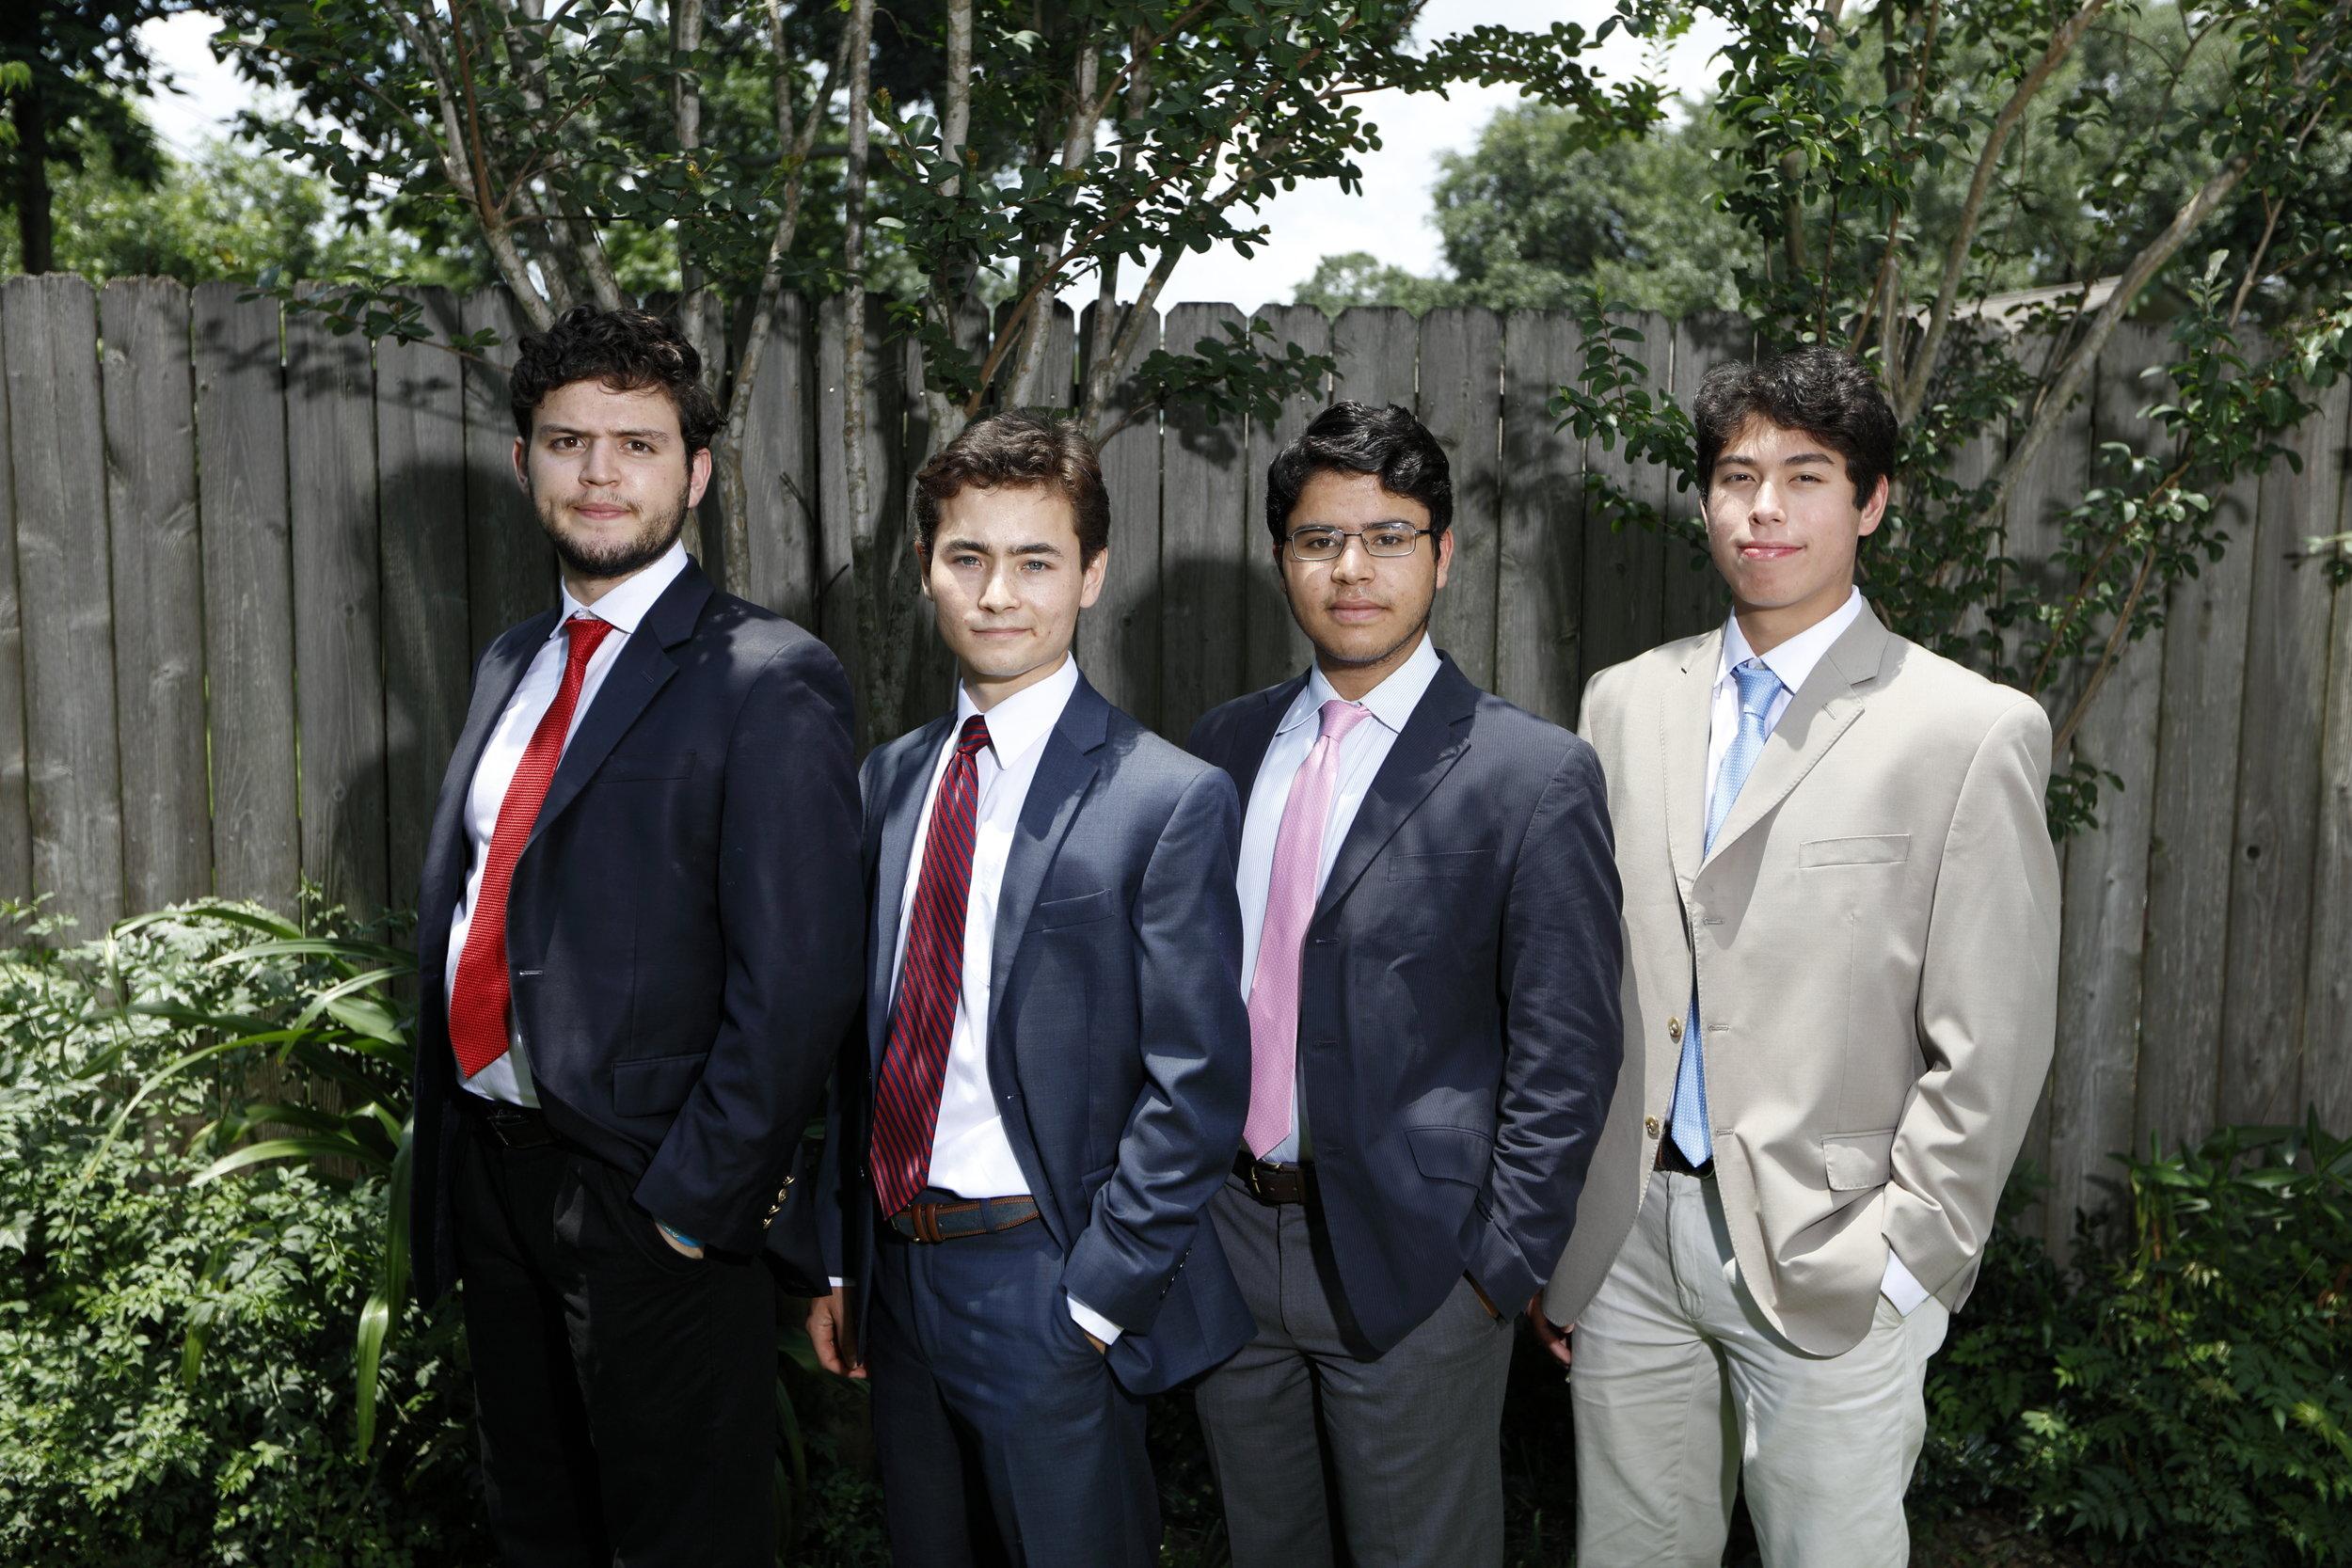 Chris Gosselin (2012), Noah Penny, Tony, and Matt Bonesera